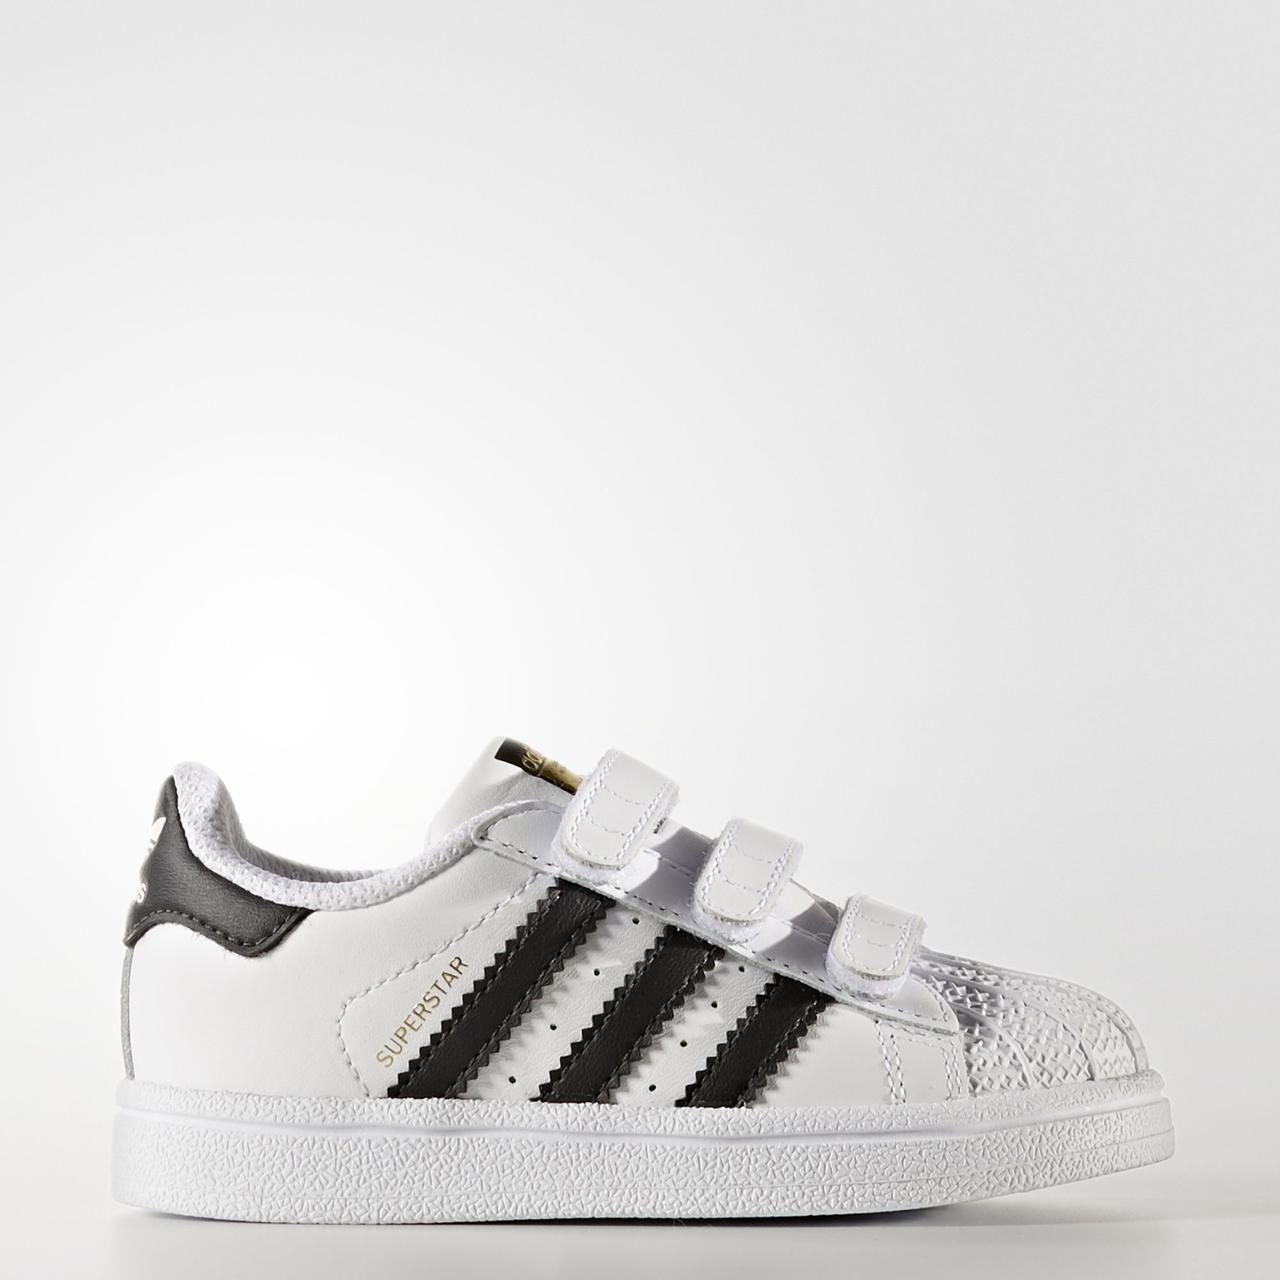 96d04bce Детские кроссовки Adidas Originals Superstar (Артикул: BZ0418) -  Интернет-магазин «Эксперт